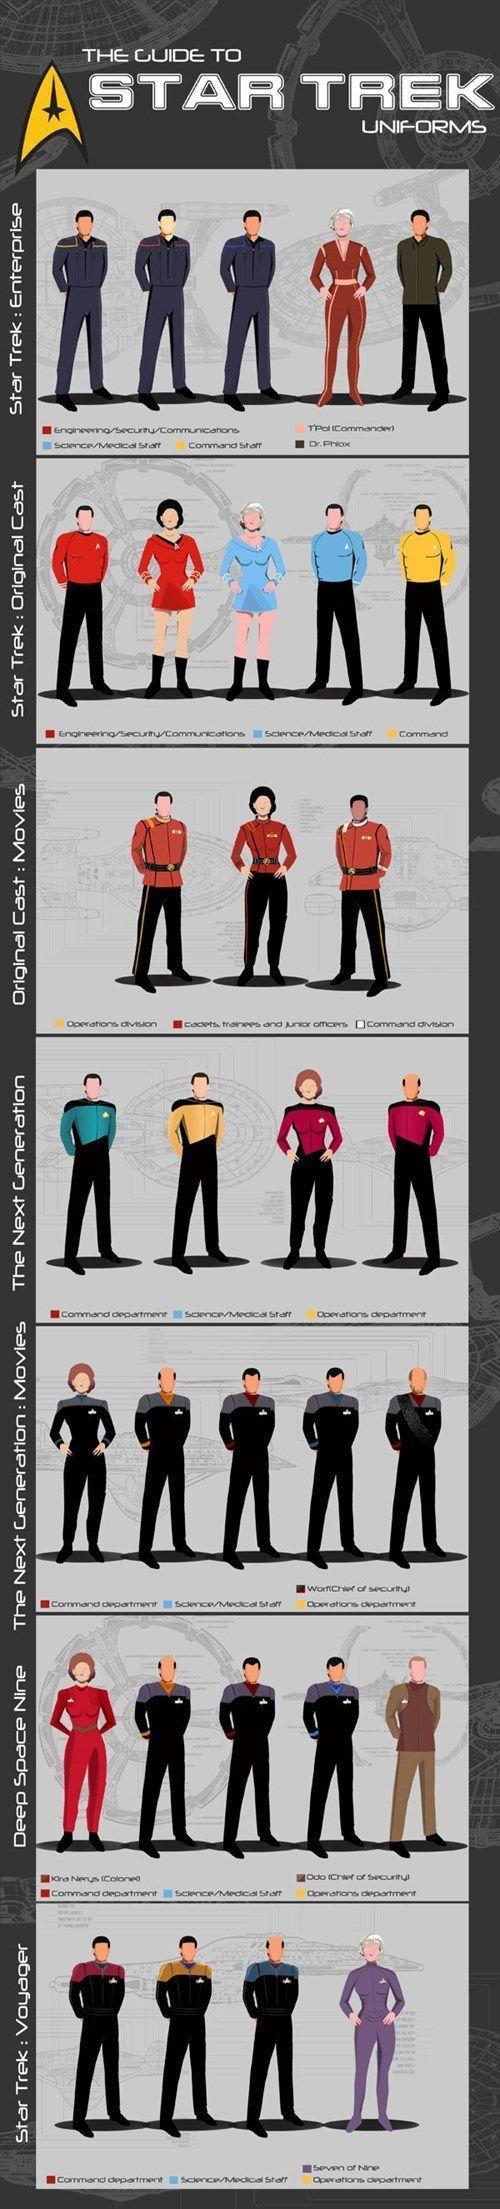 infografia-star-trek-uniformes-serie